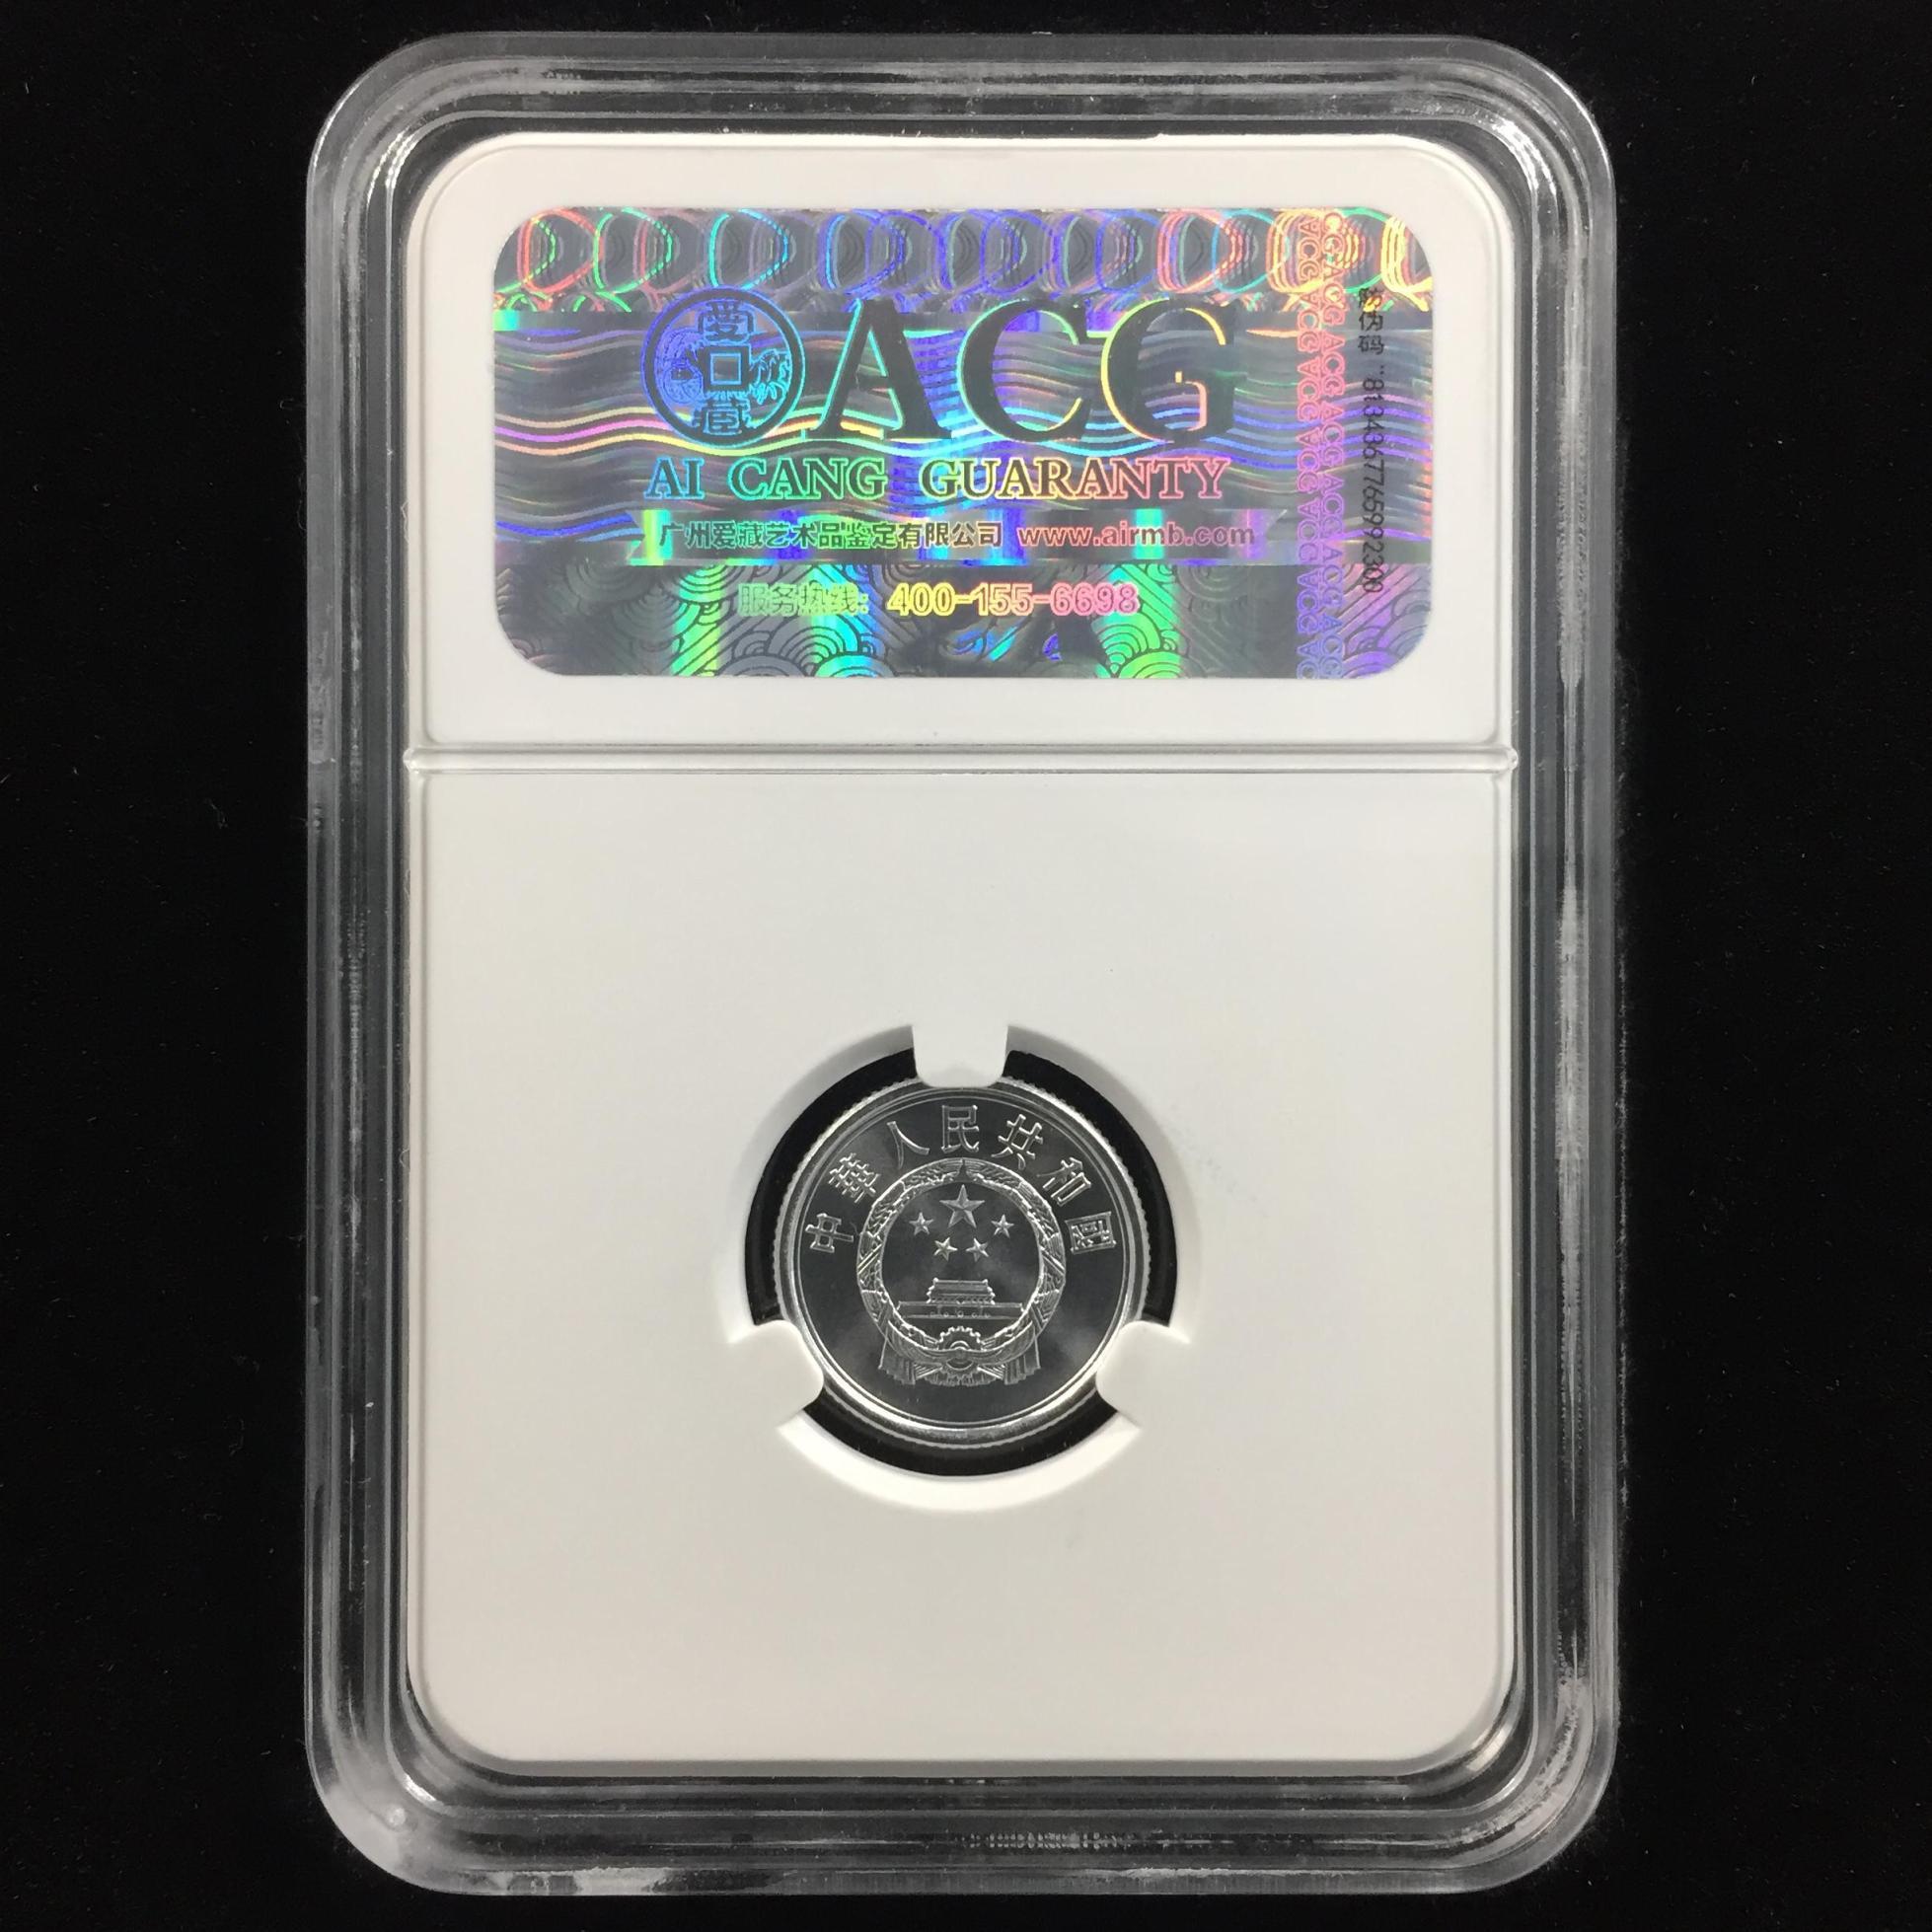 模裂币→2007年1分硬币→ACG鉴定证书-10768219